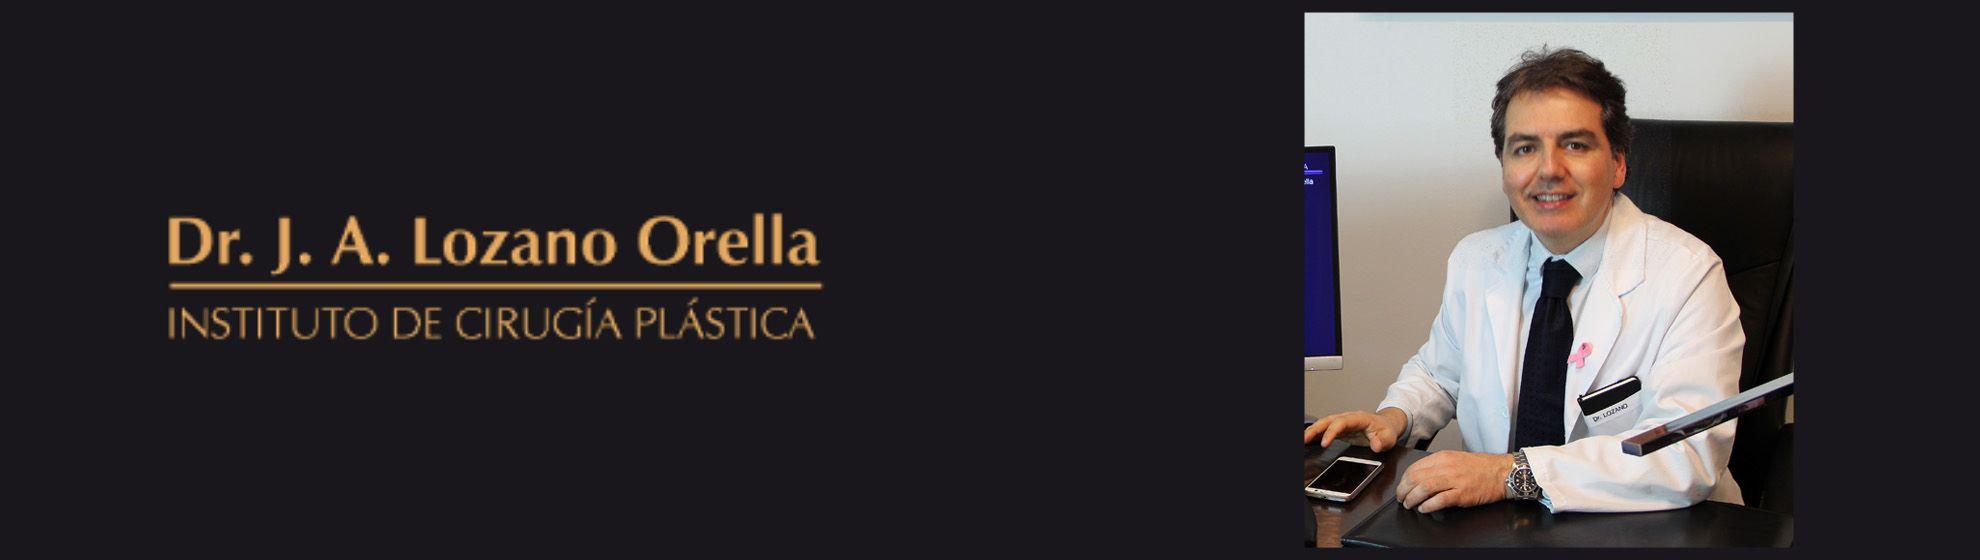 Dr. J. A. Lozano Orella